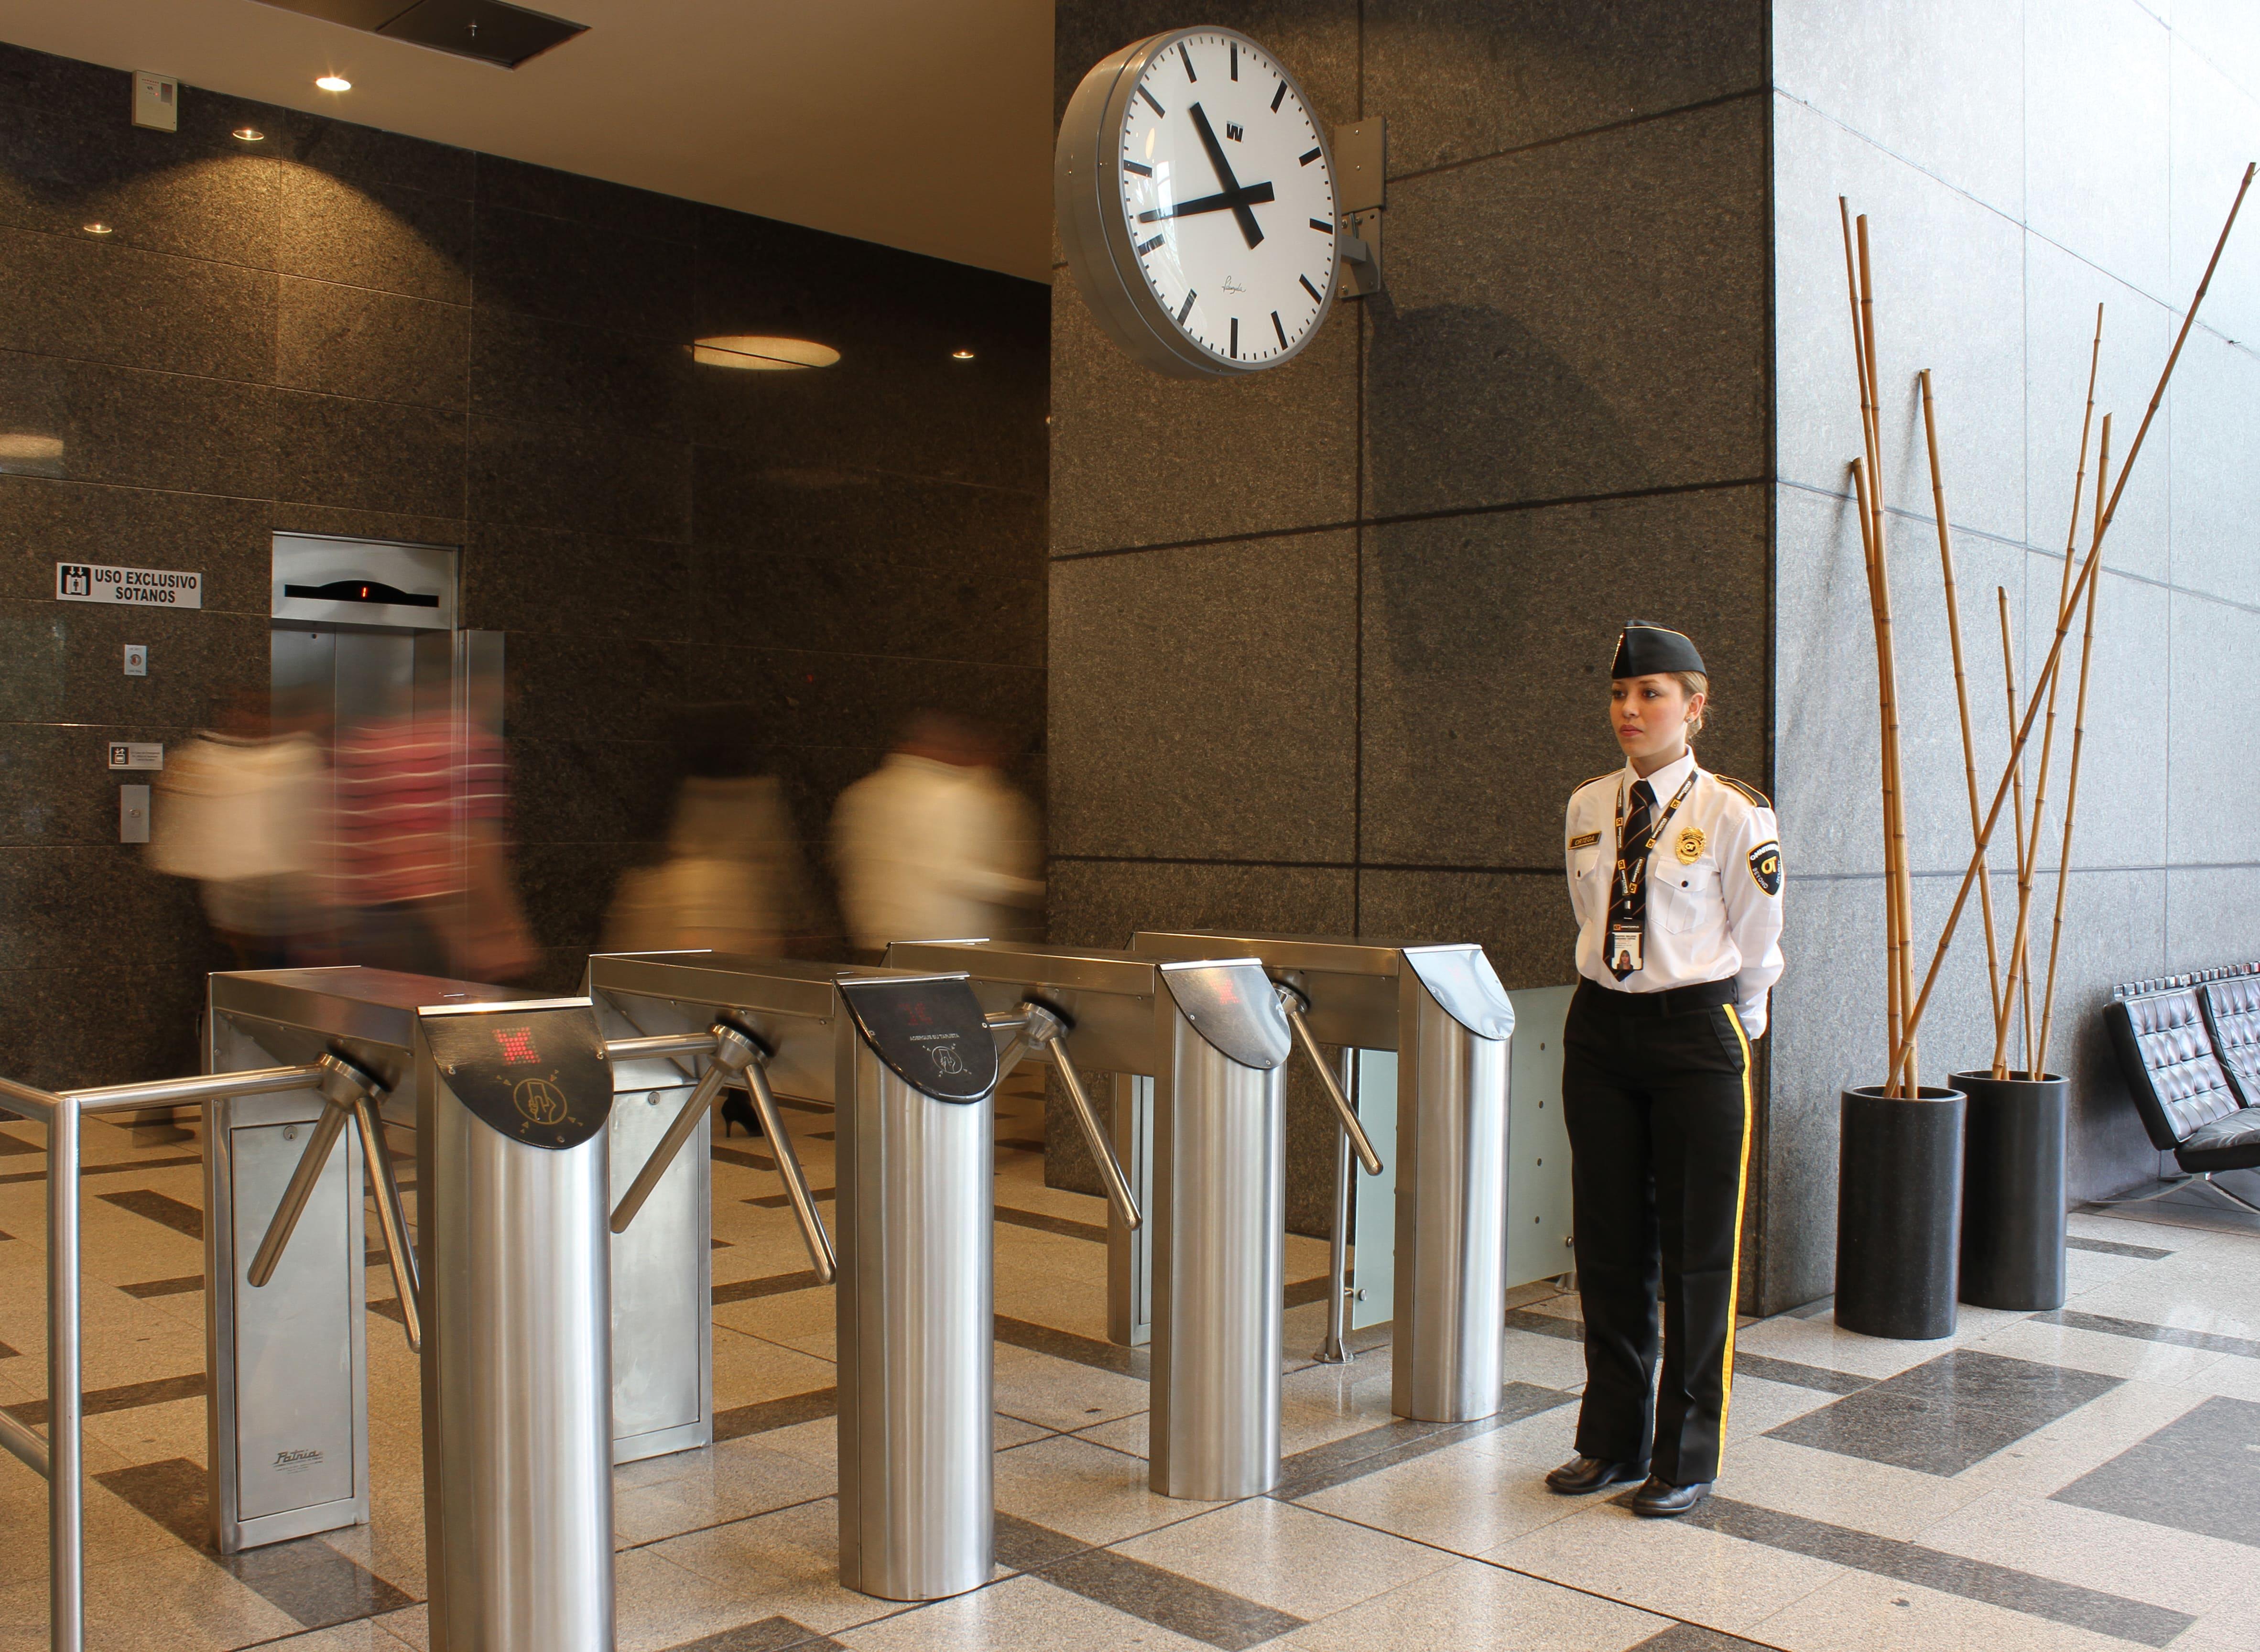 servicios de seguridad privada, omnitempus